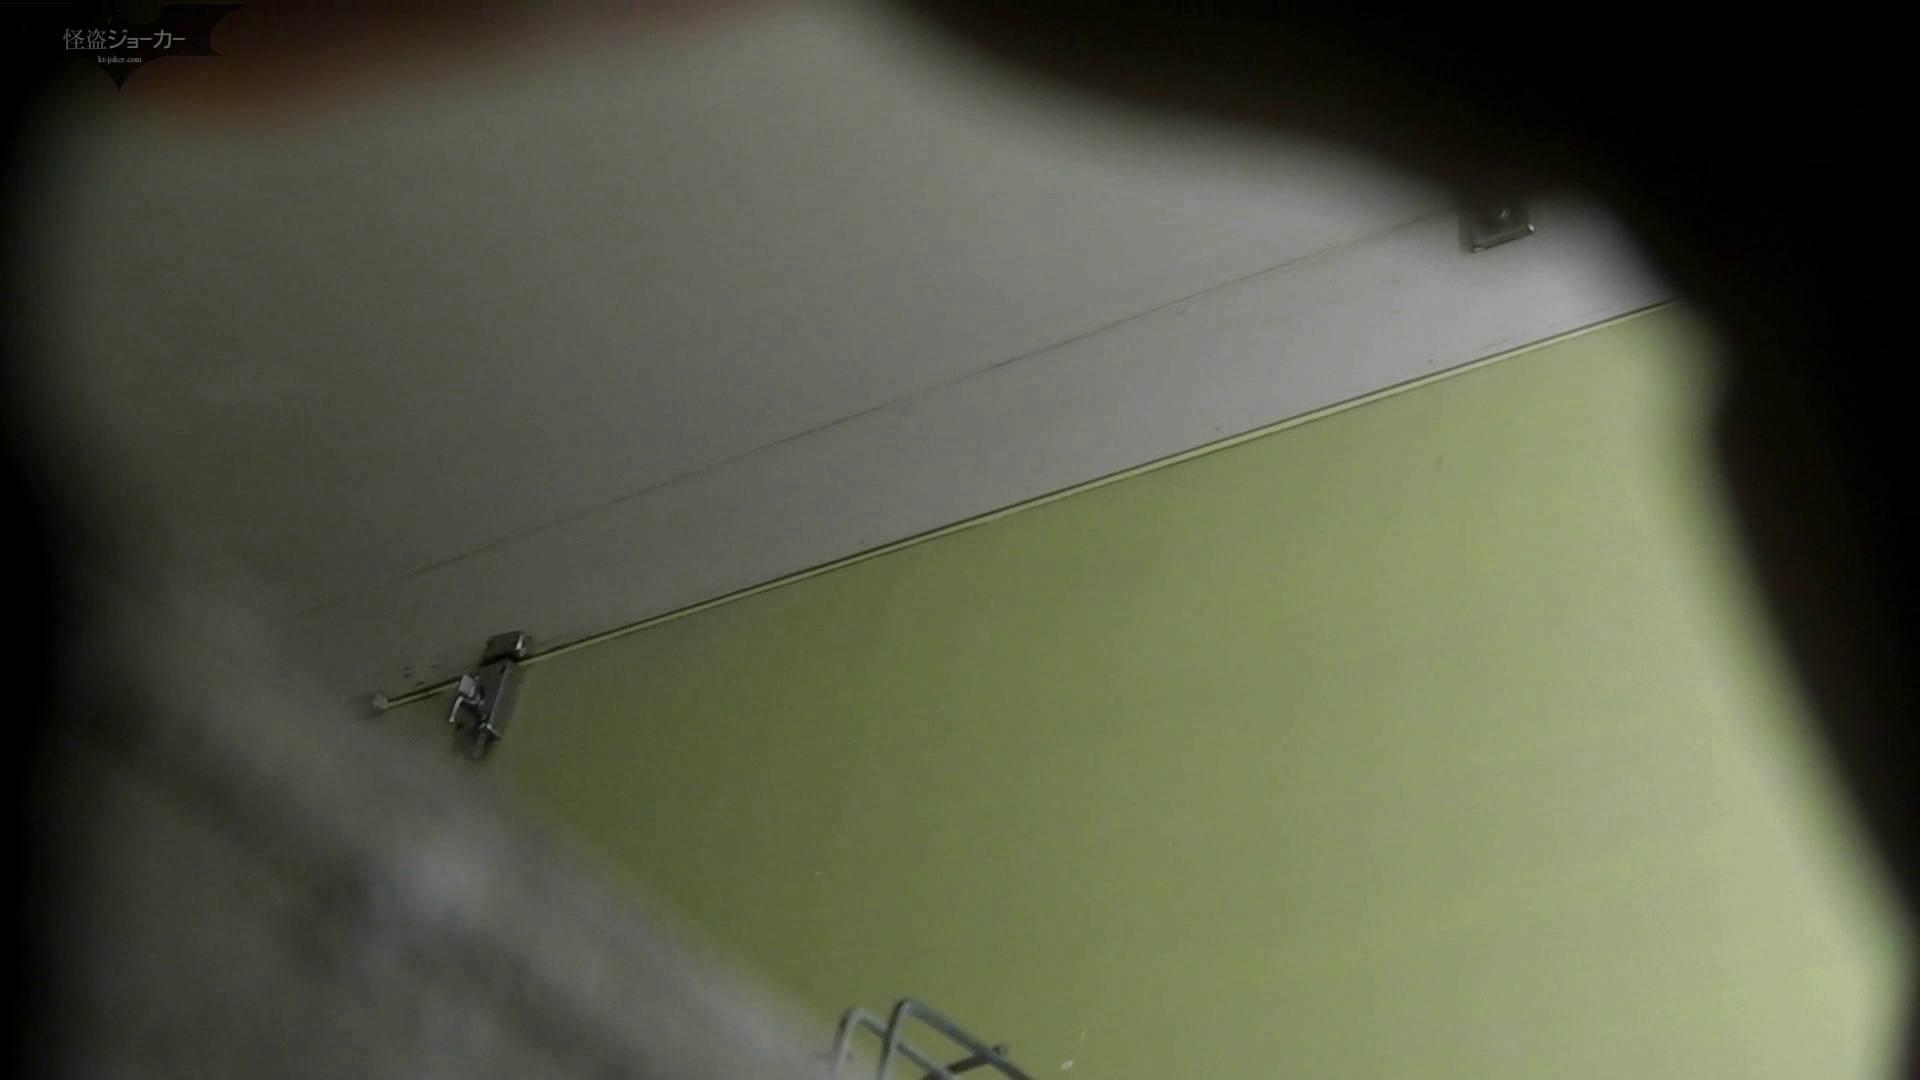 【美しき個室な世界】洗面所特攻隊 vol.046 更に進化【2015・07位】 洗面所  66pic 62